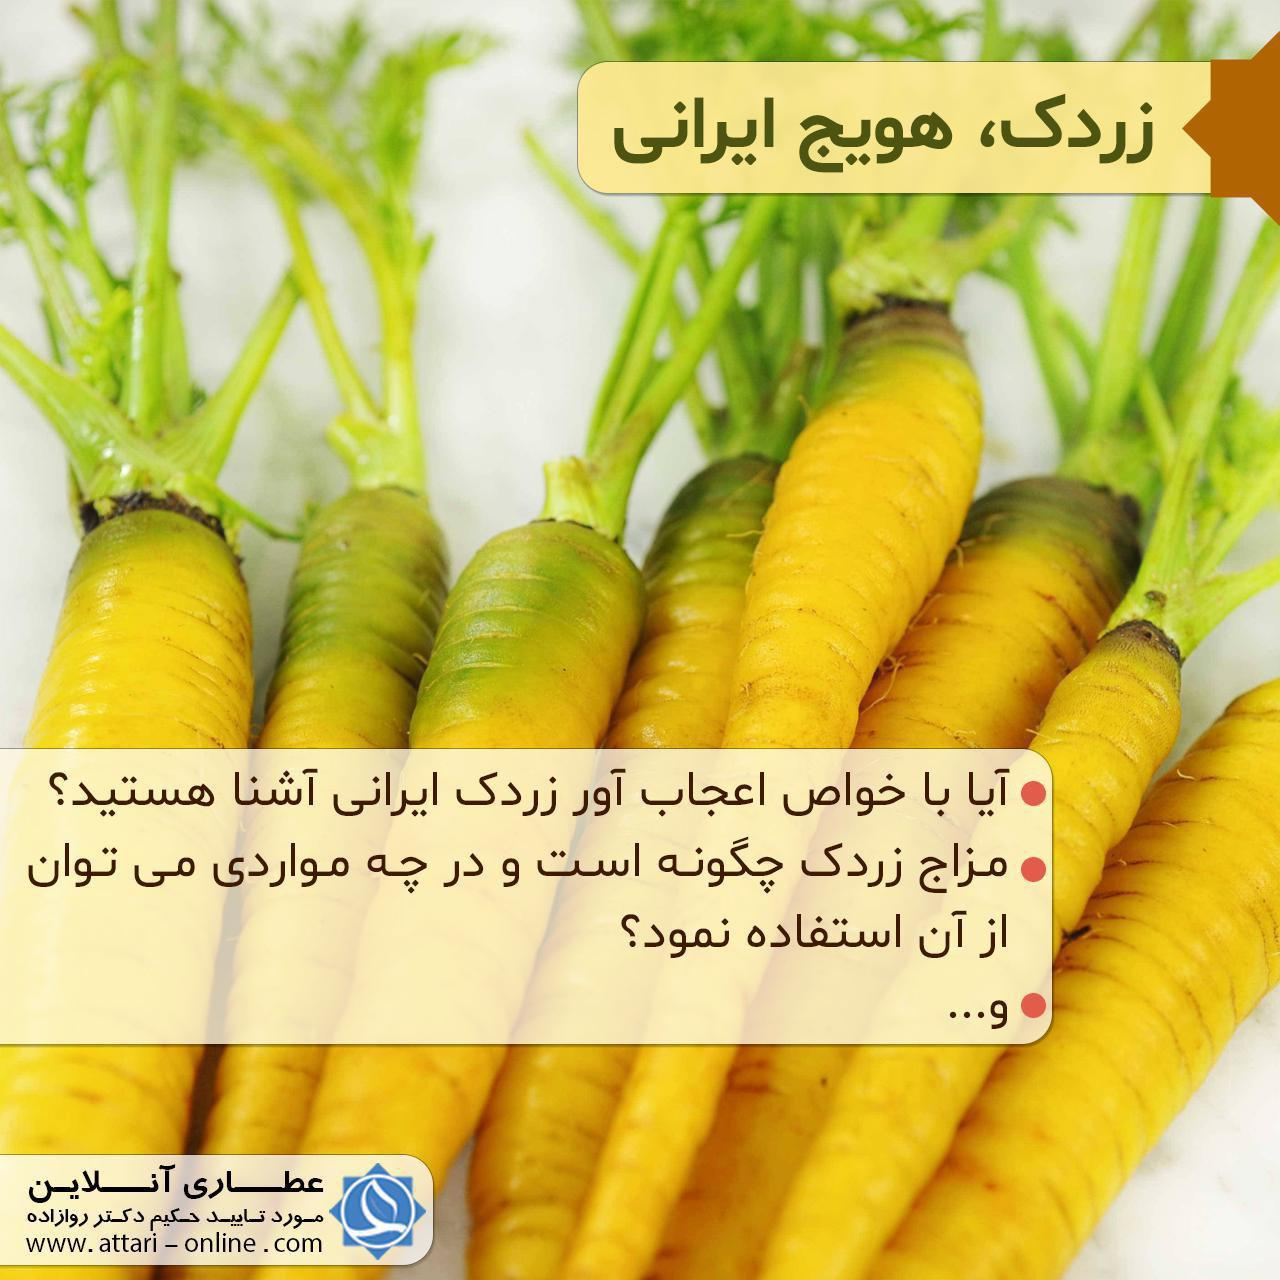 photo 2018 08 18 11 32 52 زردک،هویج ایرانی